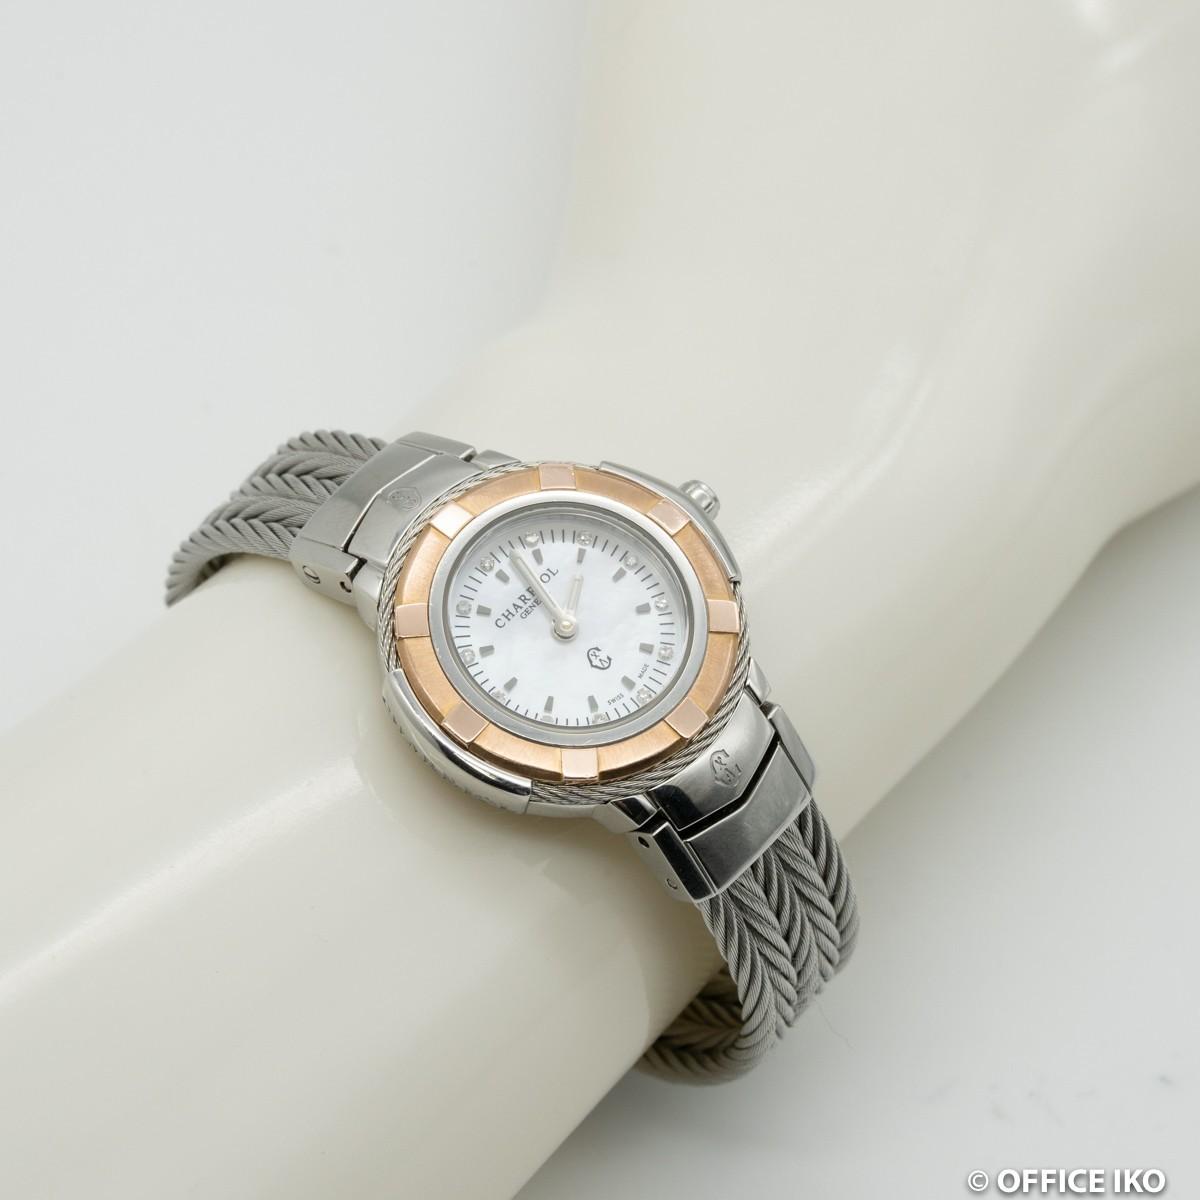 質イコー [シャリオール] CHARRIOL 腕時計 ケルテック シェル CE426 ダイヤ12P クオーツ レディース 中古 良品_画像7